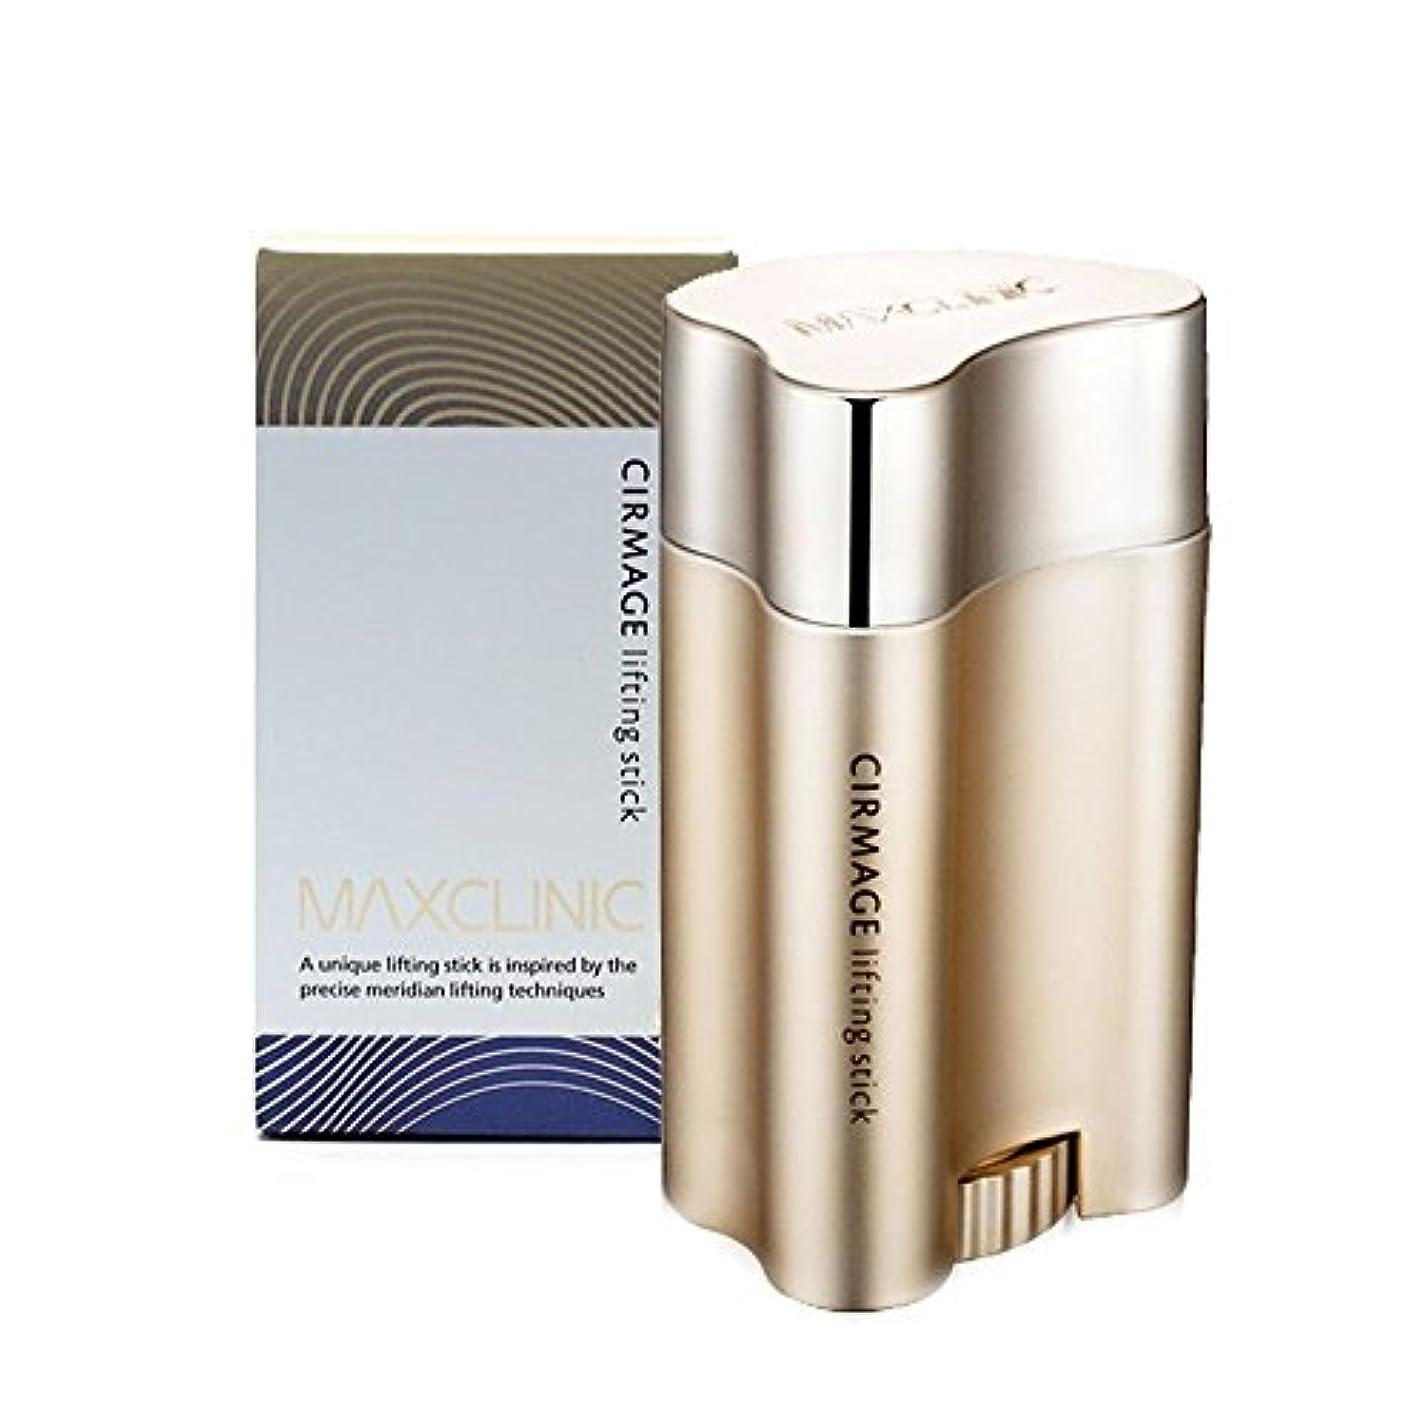 あらゆる種類の電気的幻滅MAXCLINIC マックスクリニック サーメージ リフティング スティック 23g(Cirmage Lifting Stick 23g)/Direct from Korea/w free Gift Sample [並行輸入品]